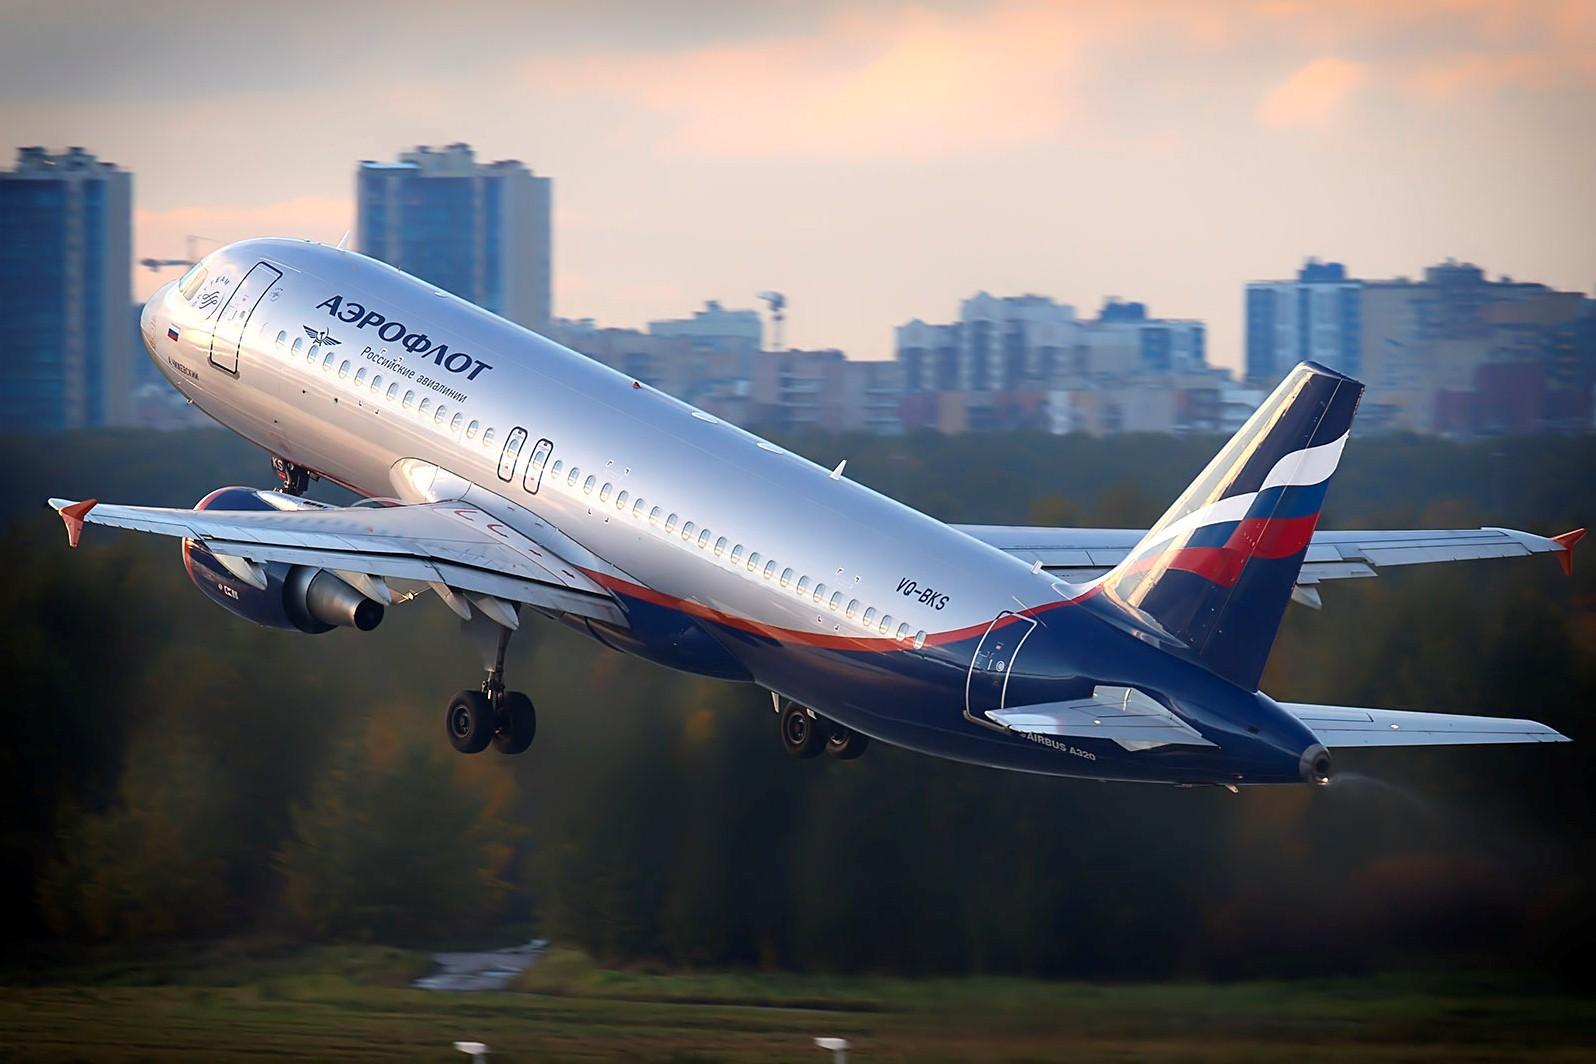 «Аэрофлот» отменяет рейсы вМинск без объяснения обстоятельств